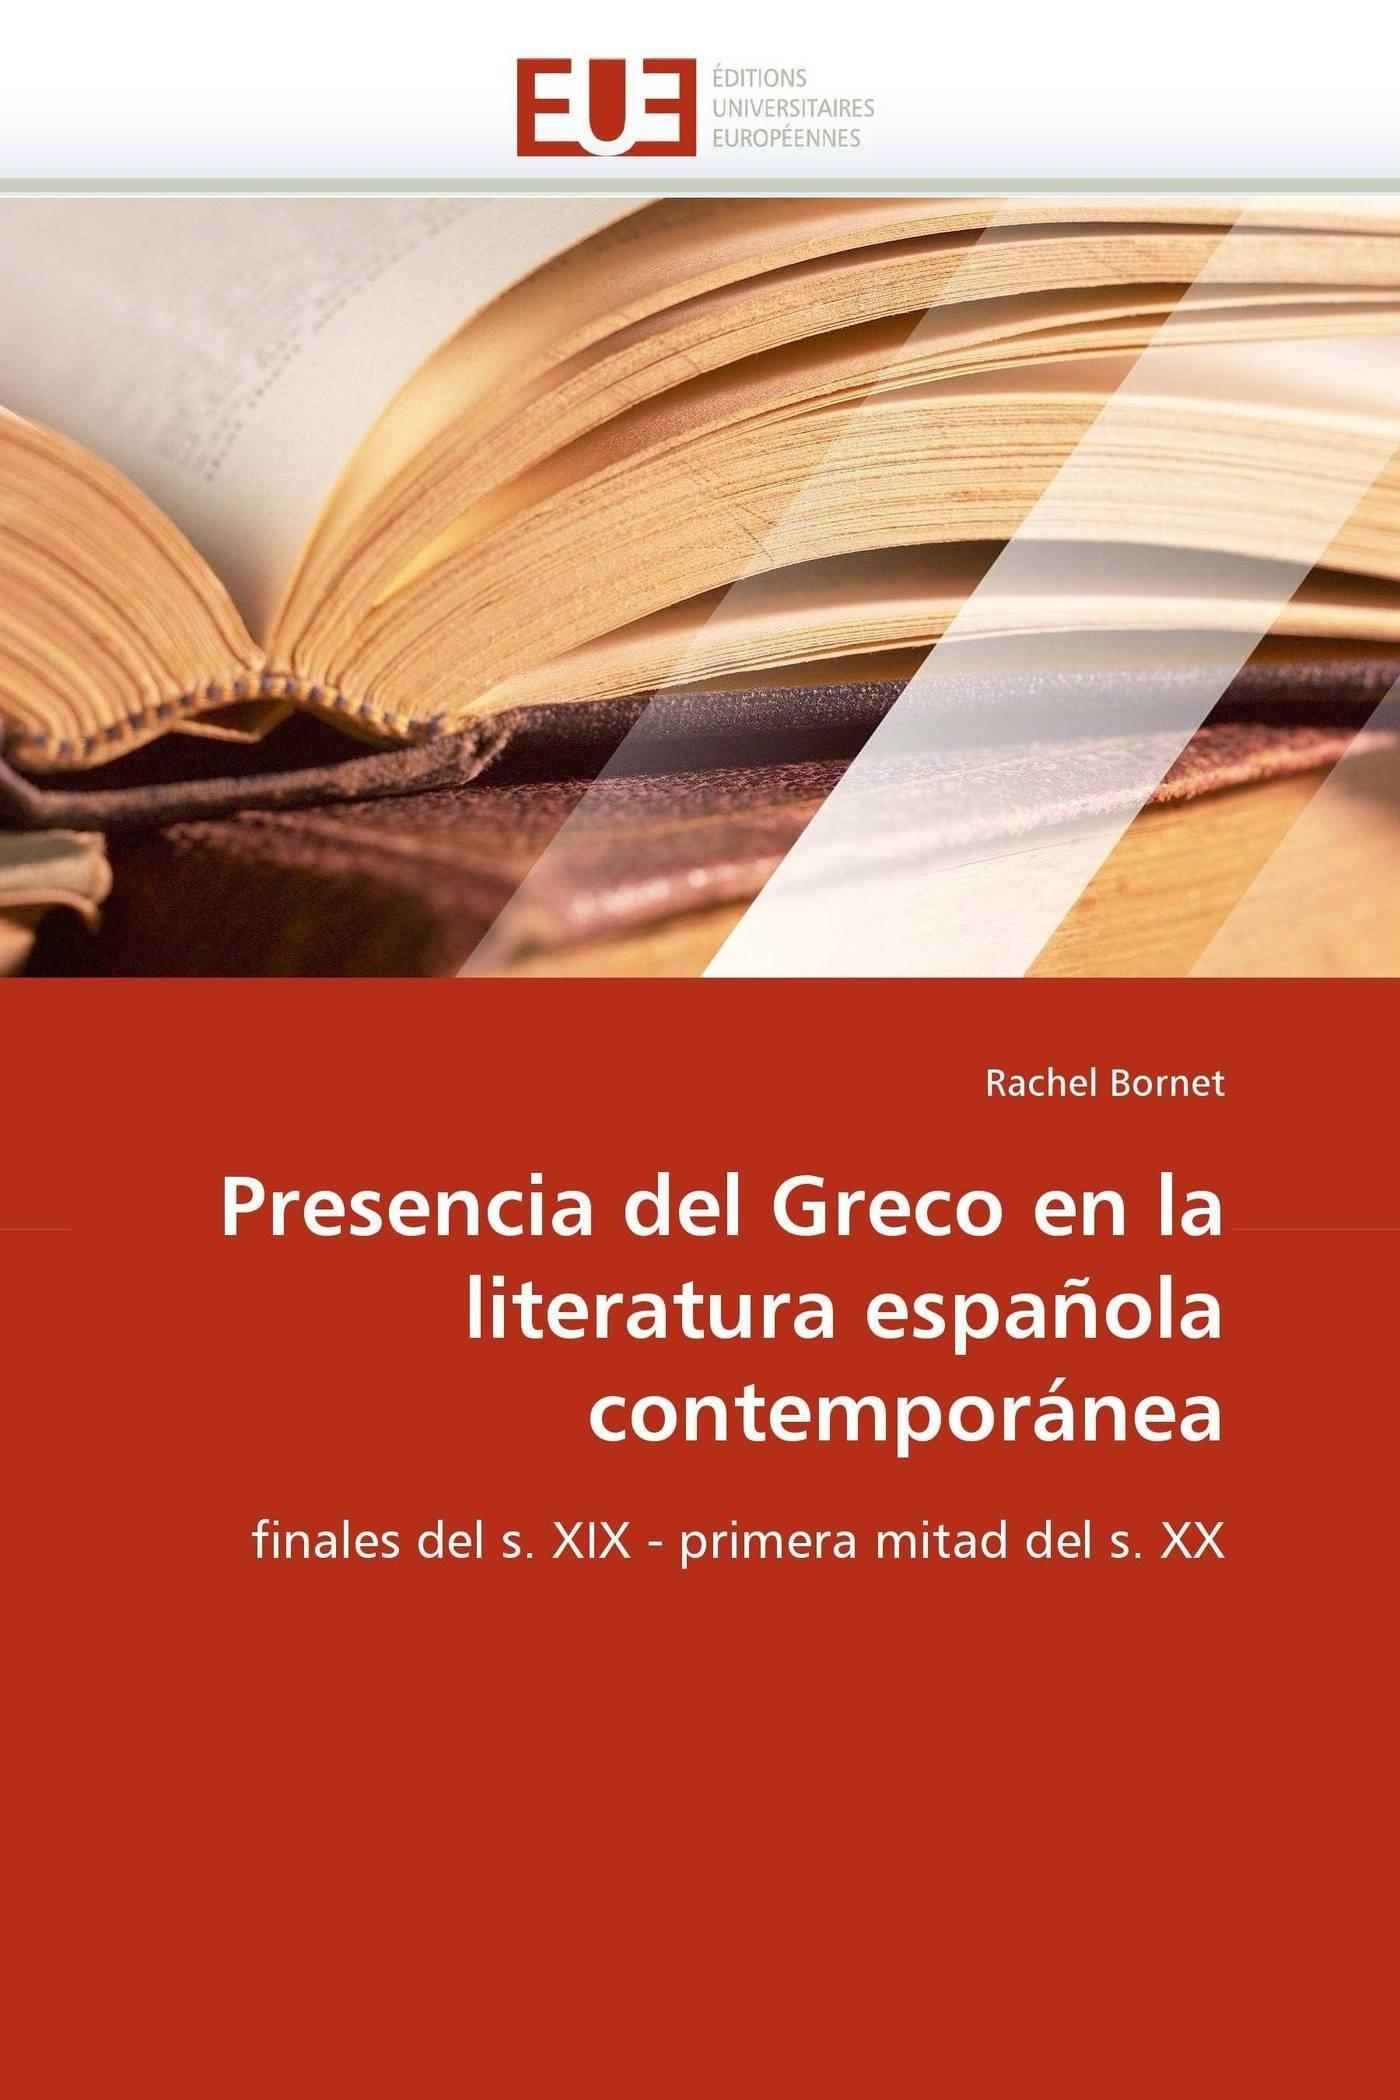 Download Presencia del Greco en la literatura española contemporánea: finales del s. XIX - primera mitad del s. XX (Omn.Univ.Europ.) ebook